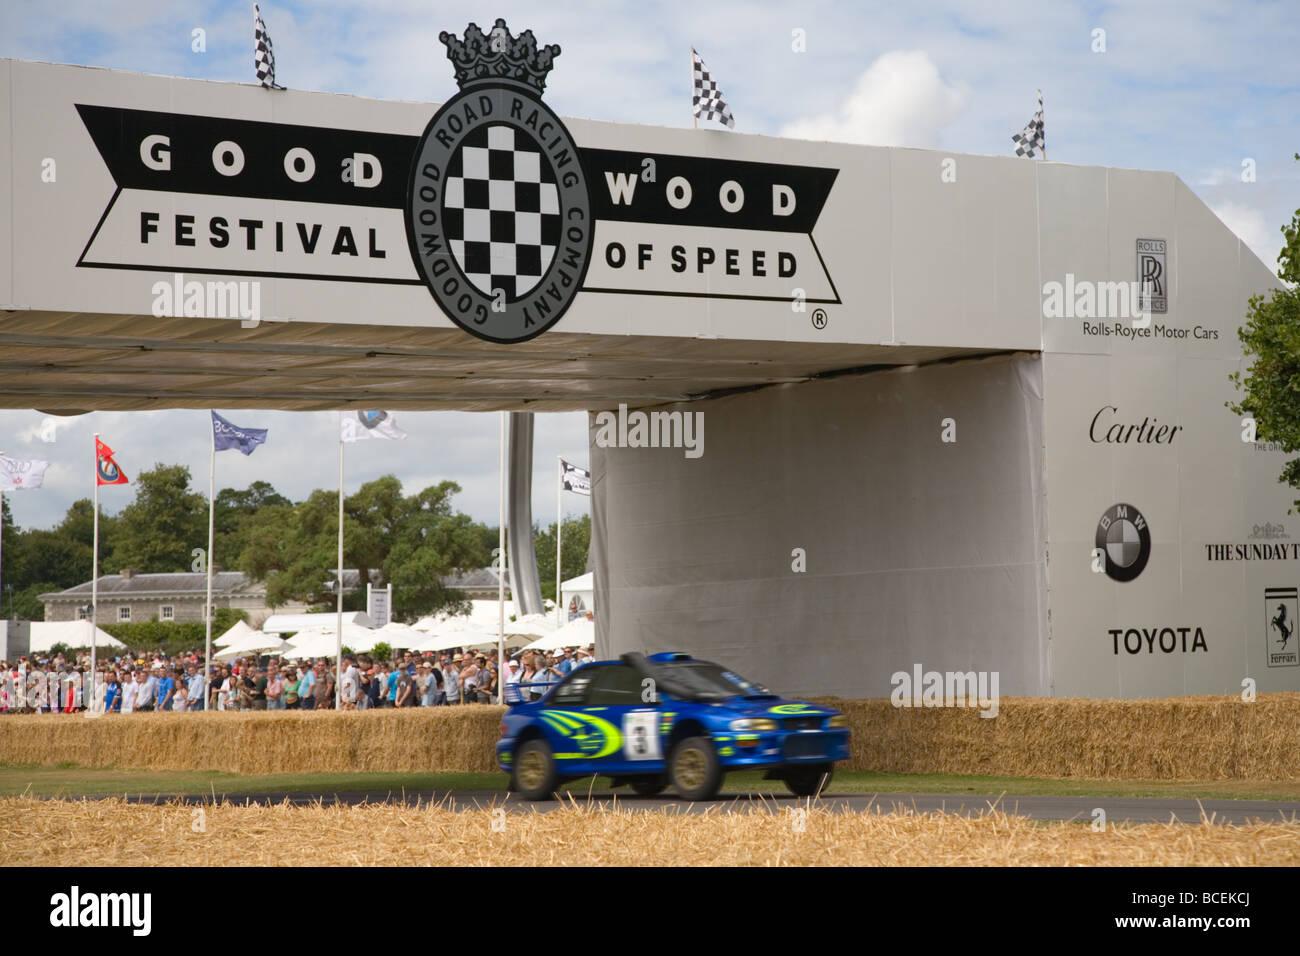 Auto auf der Hillclimb Strecke auf dem Goodwood Festival of Speed 2009 Motion blur Stockbild